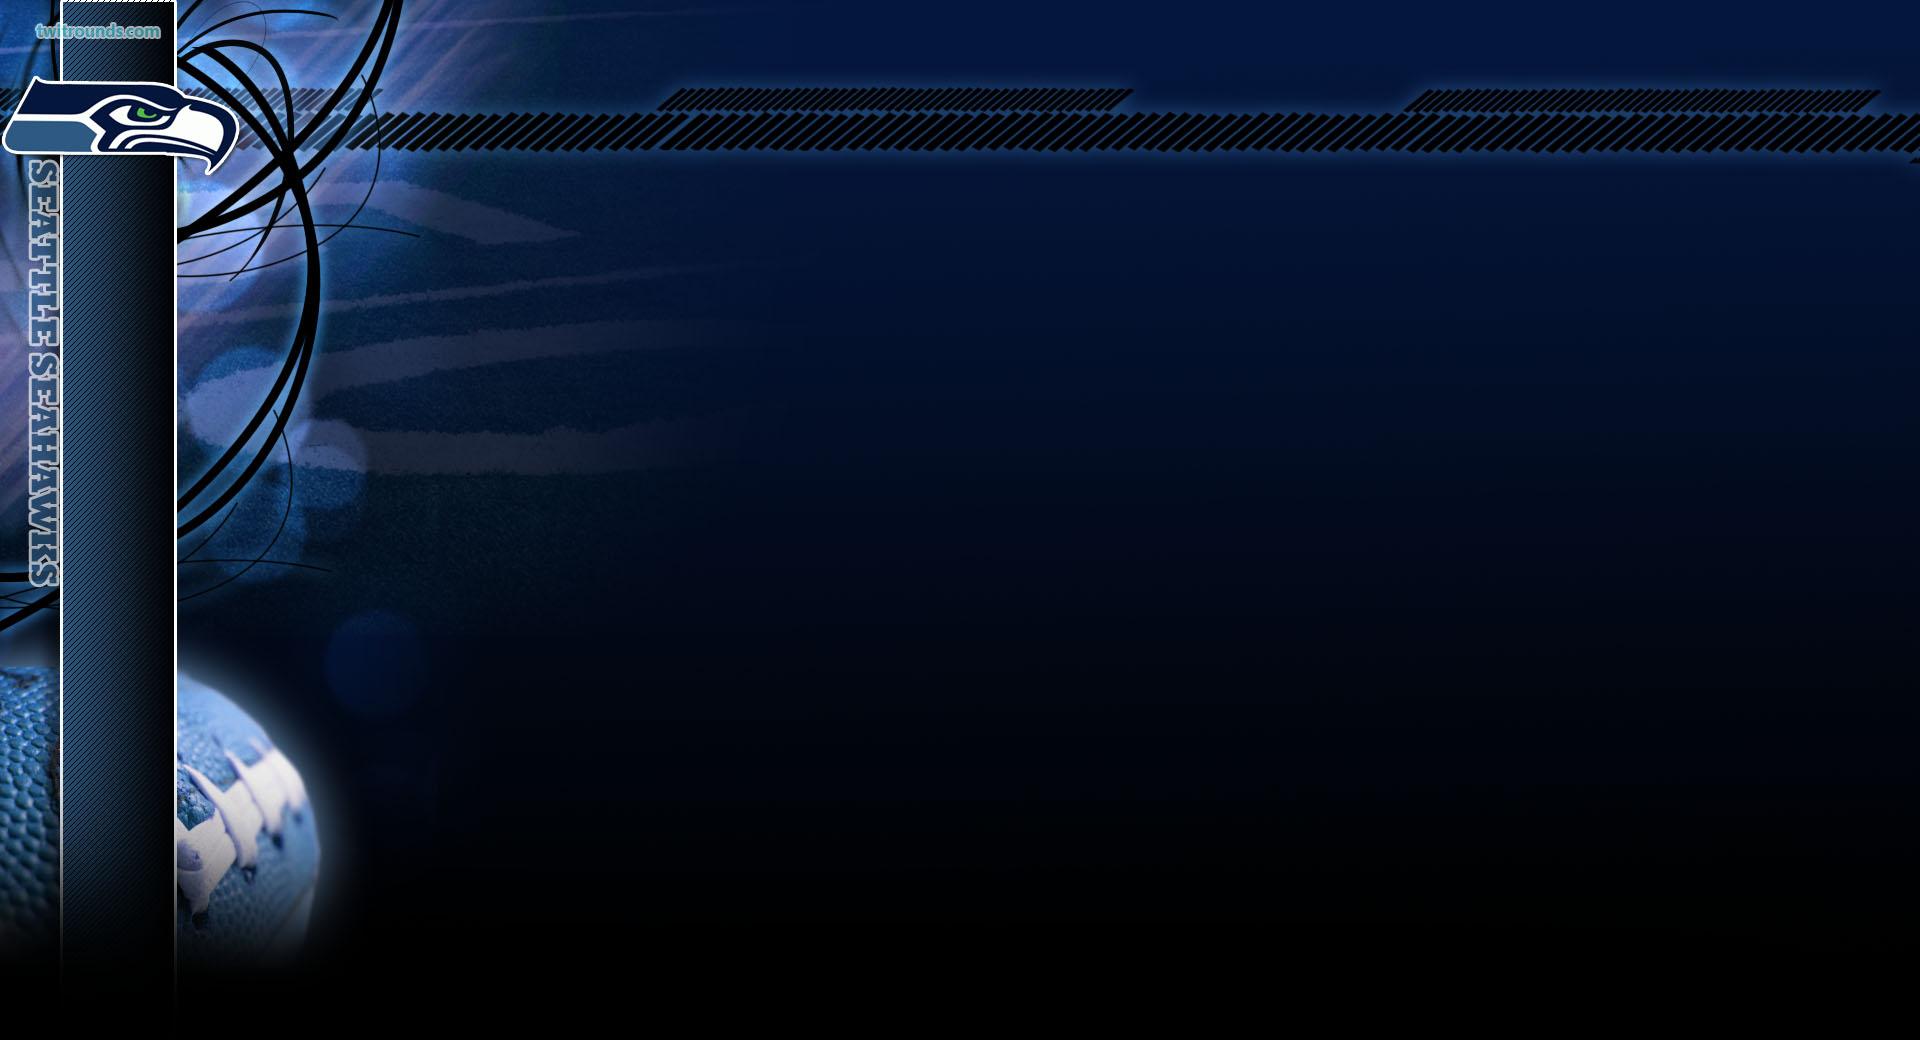 Seahawks Hd Wallpaper Seattle Seahawk Background Desktop Pixelstalk Net